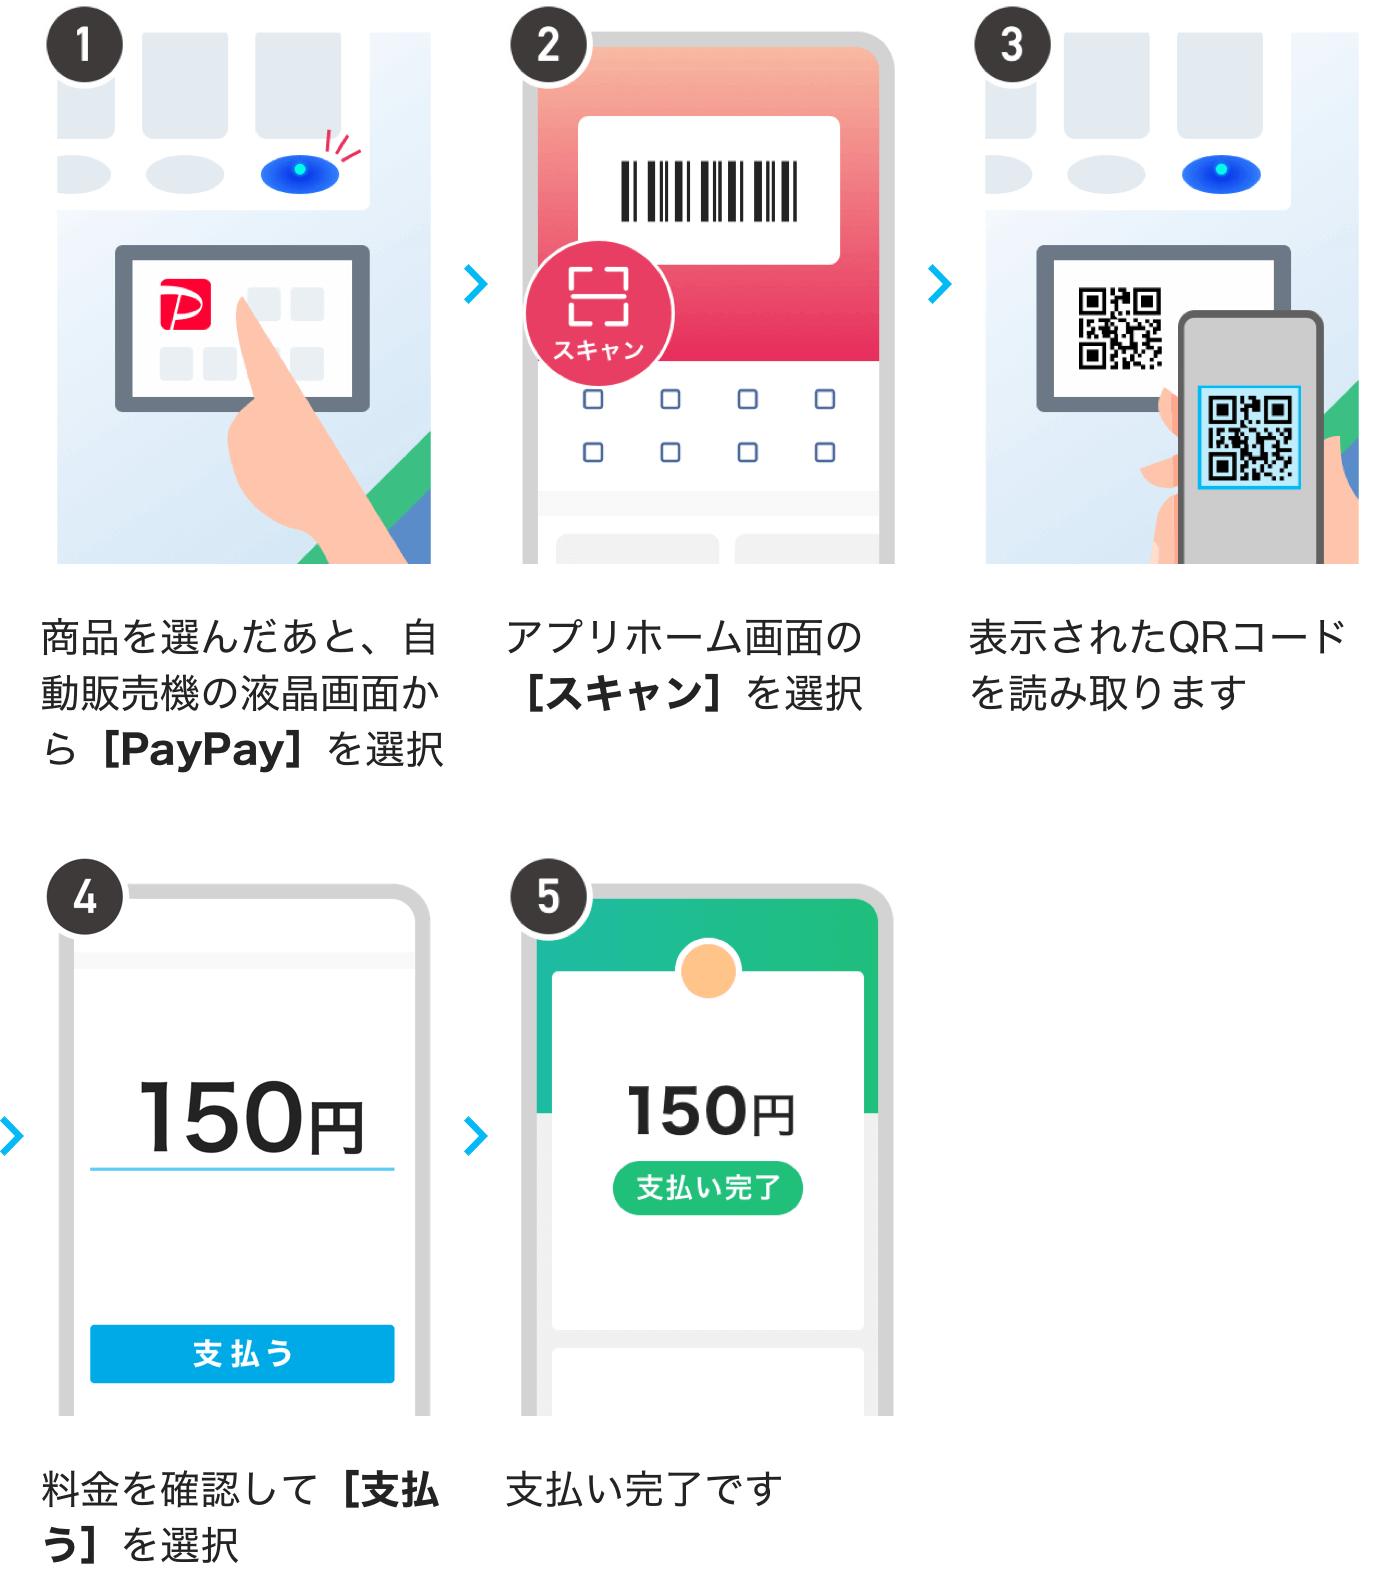 商品を選んだあと、自動販売機の液晶画面から[PayPay]を選択。アプリホーム画面の[スキャン]を選択。表示されたQRコードを読み取ります。料金を確認して[支払う]を選択。支払い完了です。